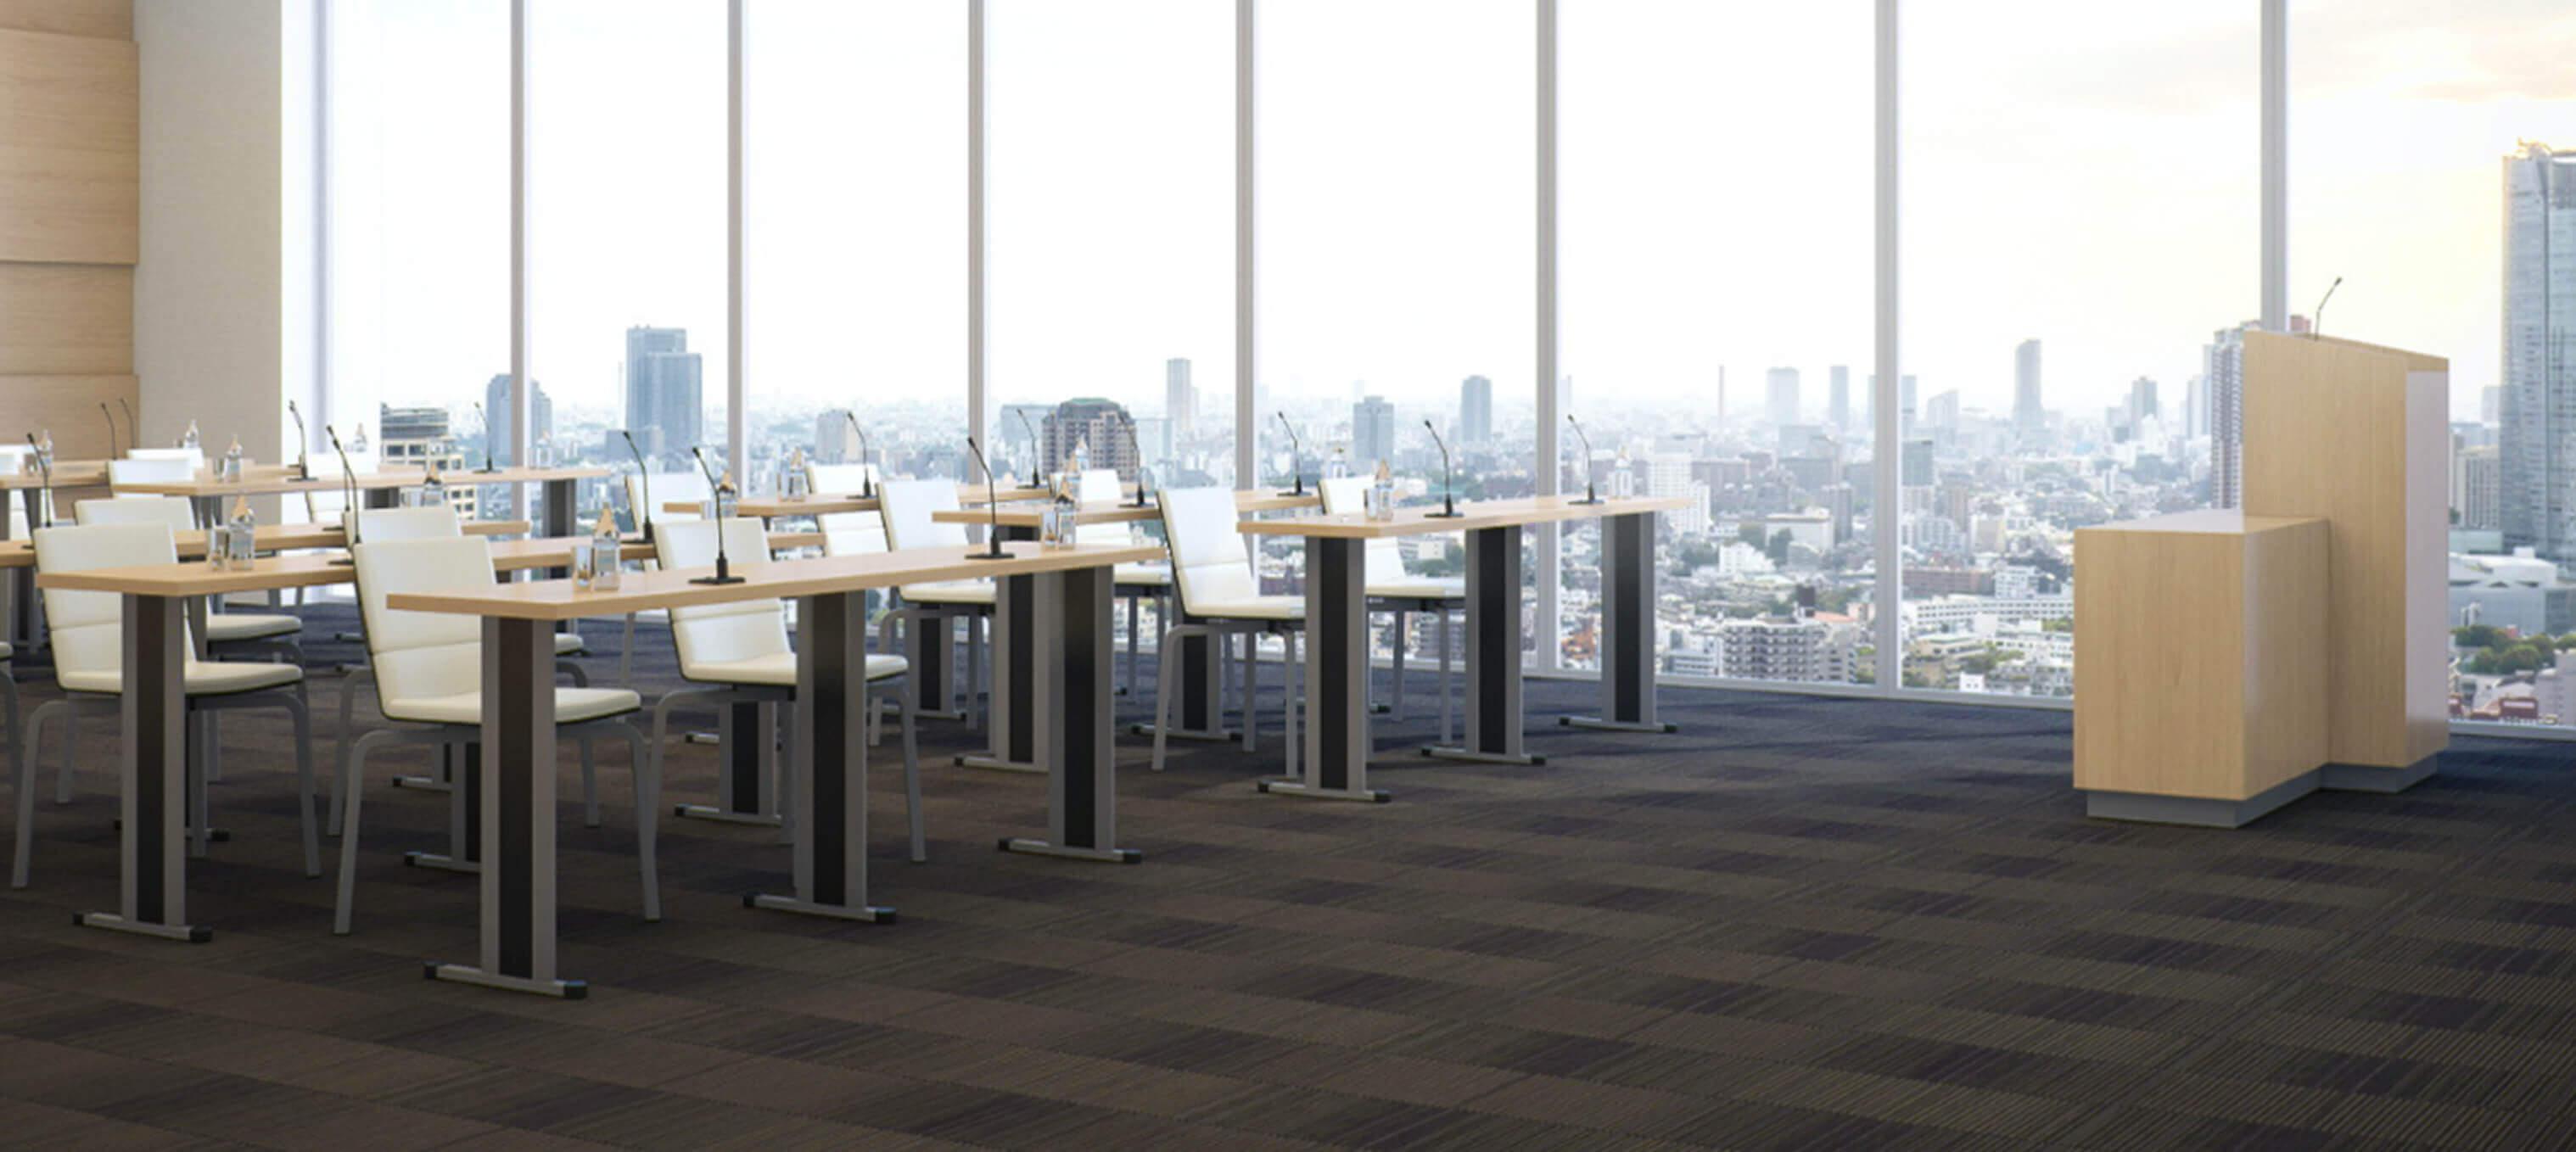 Configure 8 Office 2